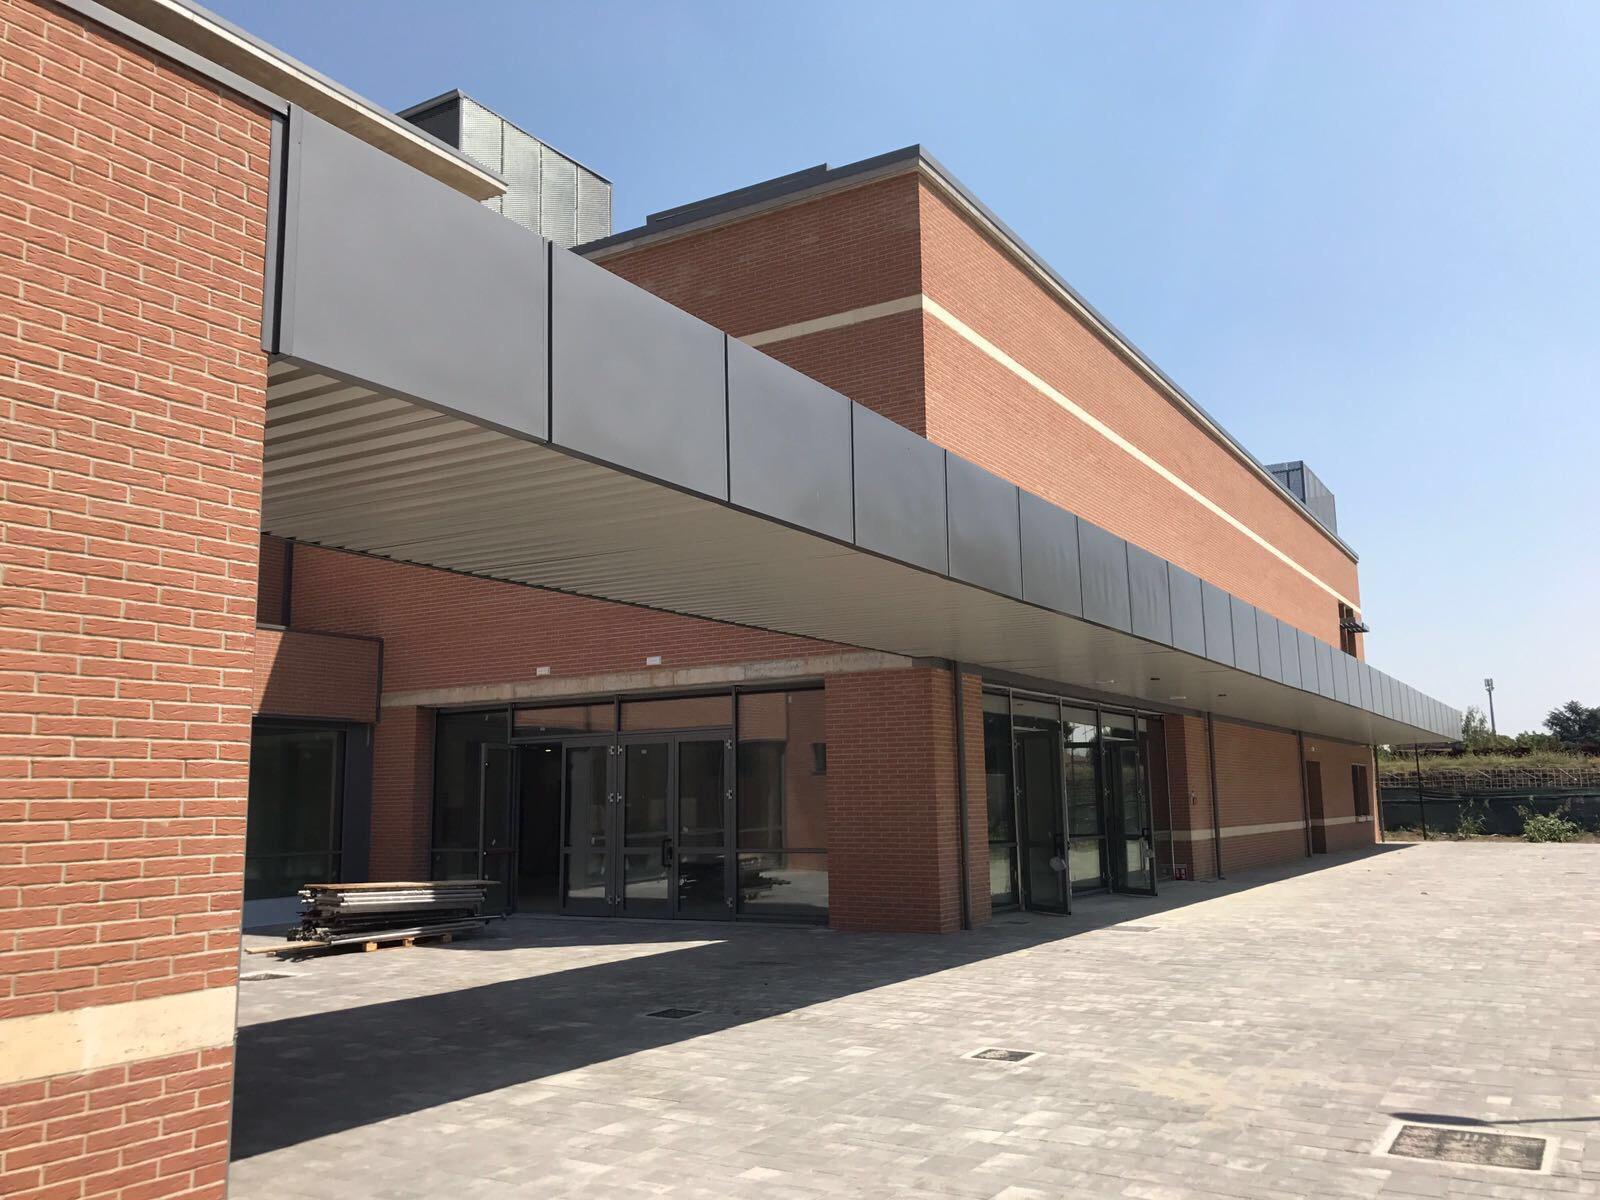 Nuova scuola solari iscrizioni a 29 grande apertura a for Nuova apertura grande arredo bari